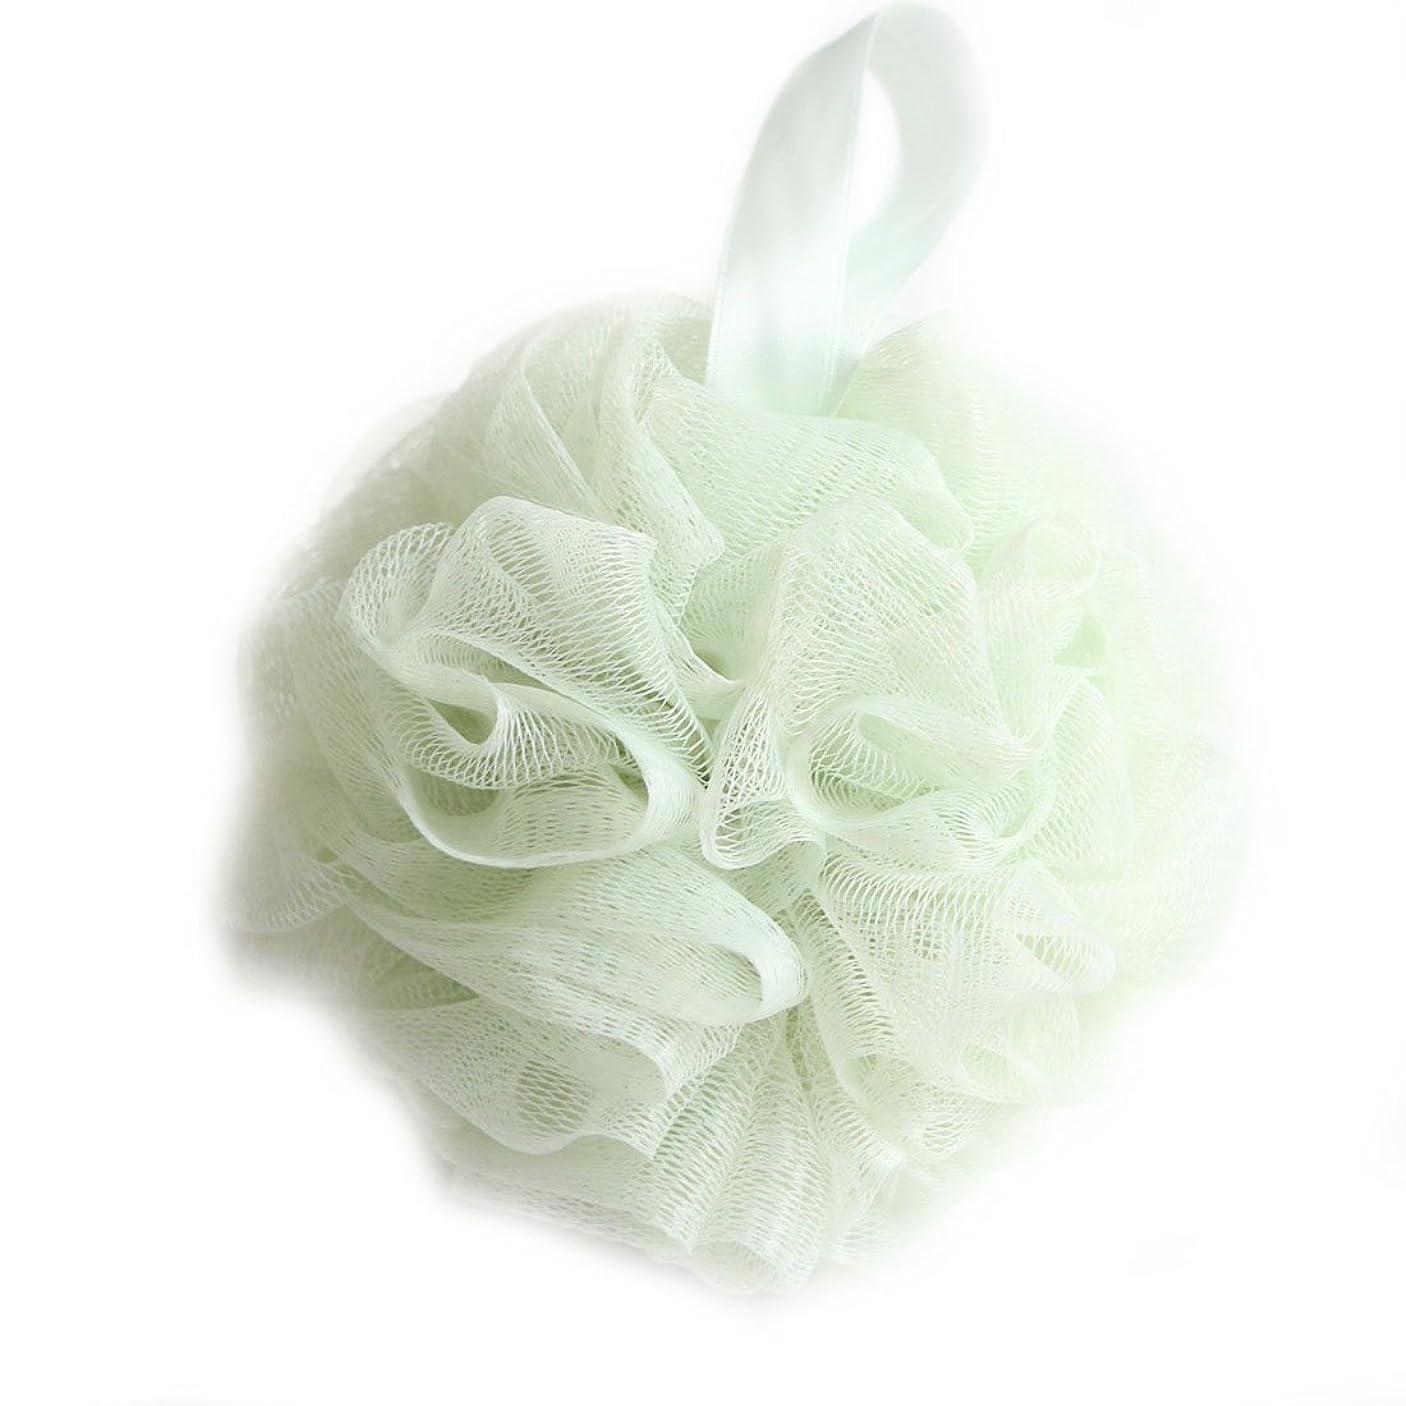 技術者探す叫び声バスボール 泡立てネット 花形 タオル 超柔軟 つるつる ボディ用お風呂ボール ボディウォッシュボール シャワー用 崩れない 4種類の色選択 LissomPlume